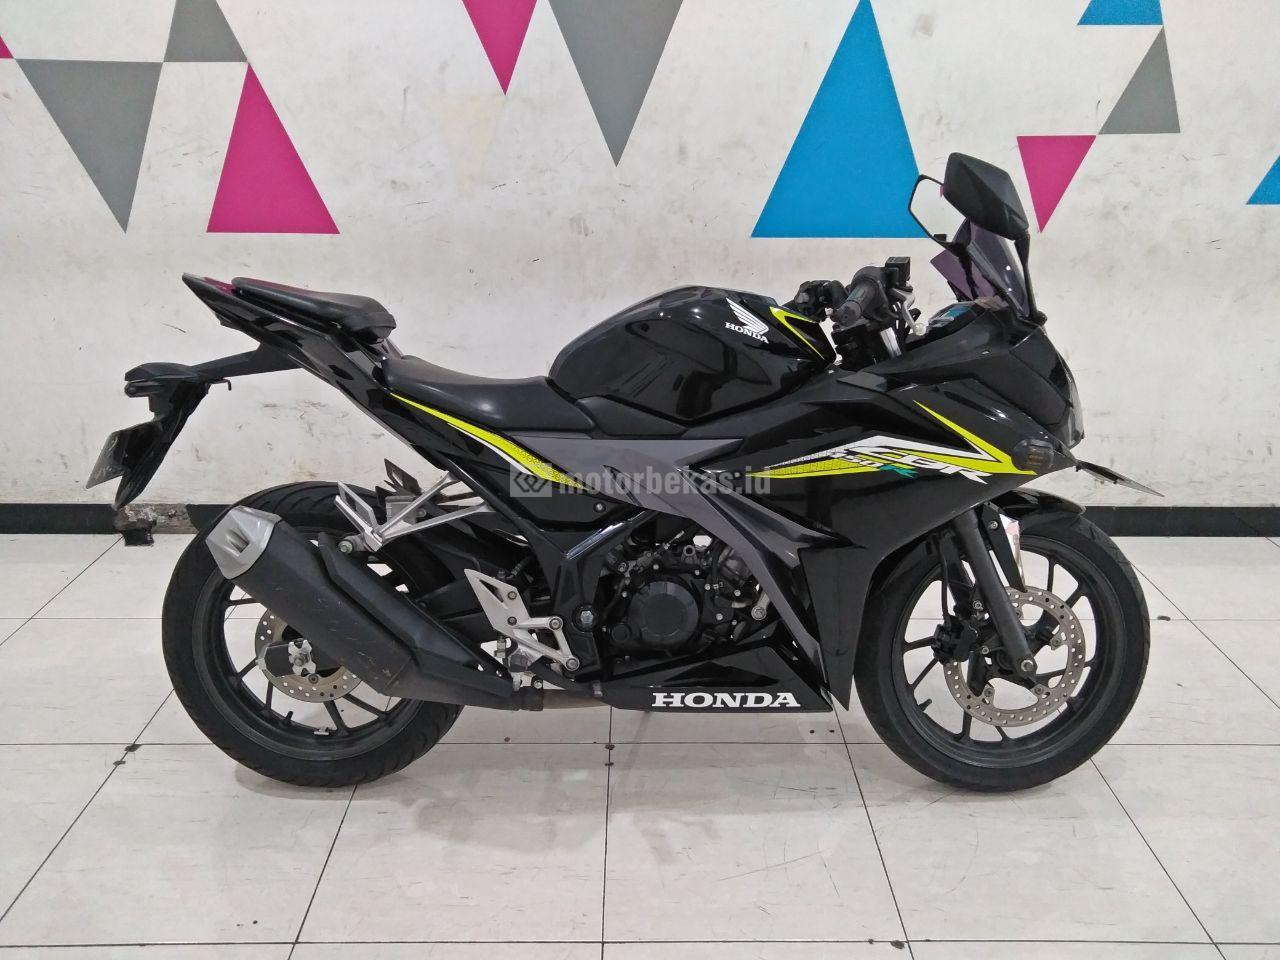 HONDA CBR 150R  3857 motorbekas.id